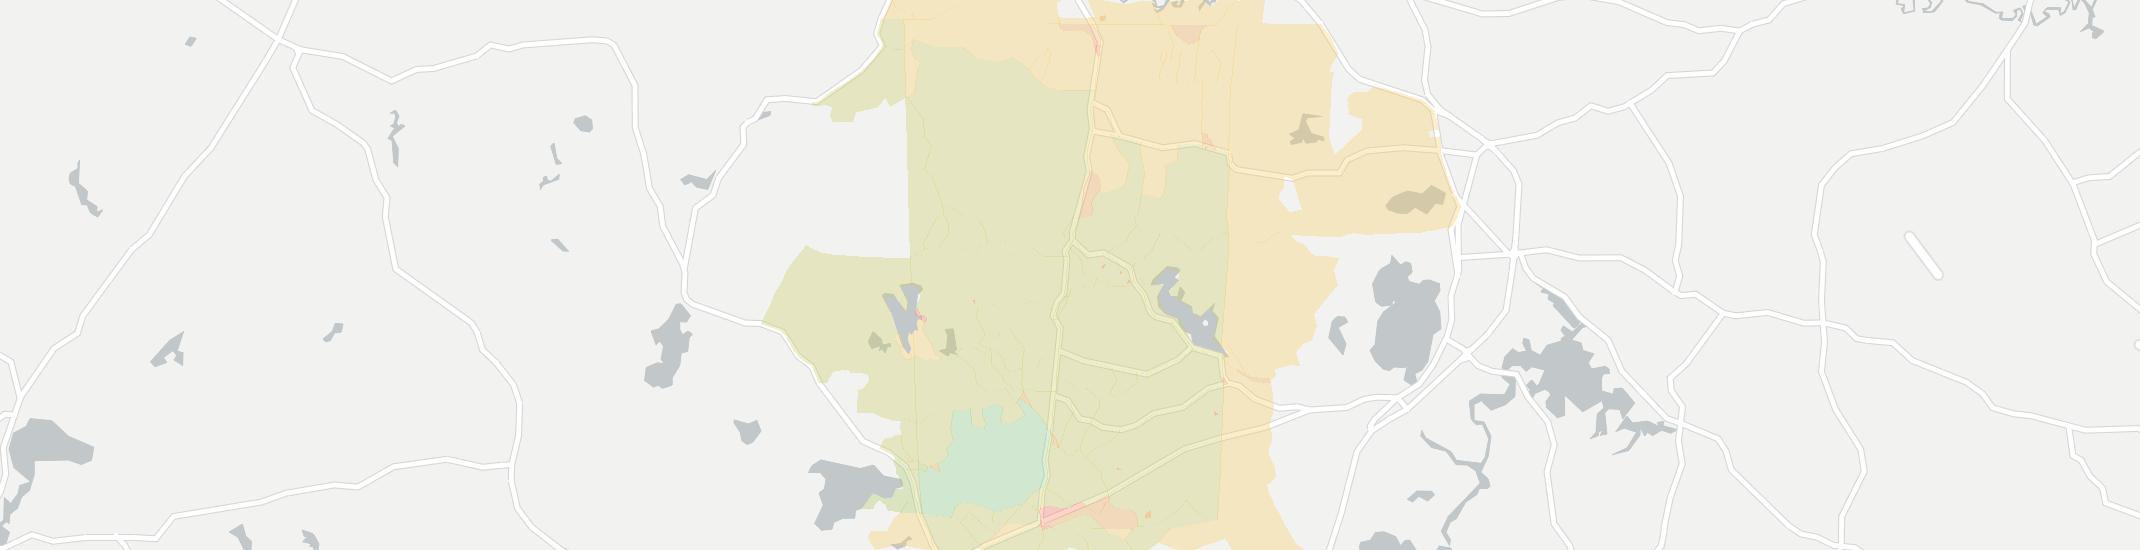 Internet Providers in Danville, NH: Compare 11 Providers on